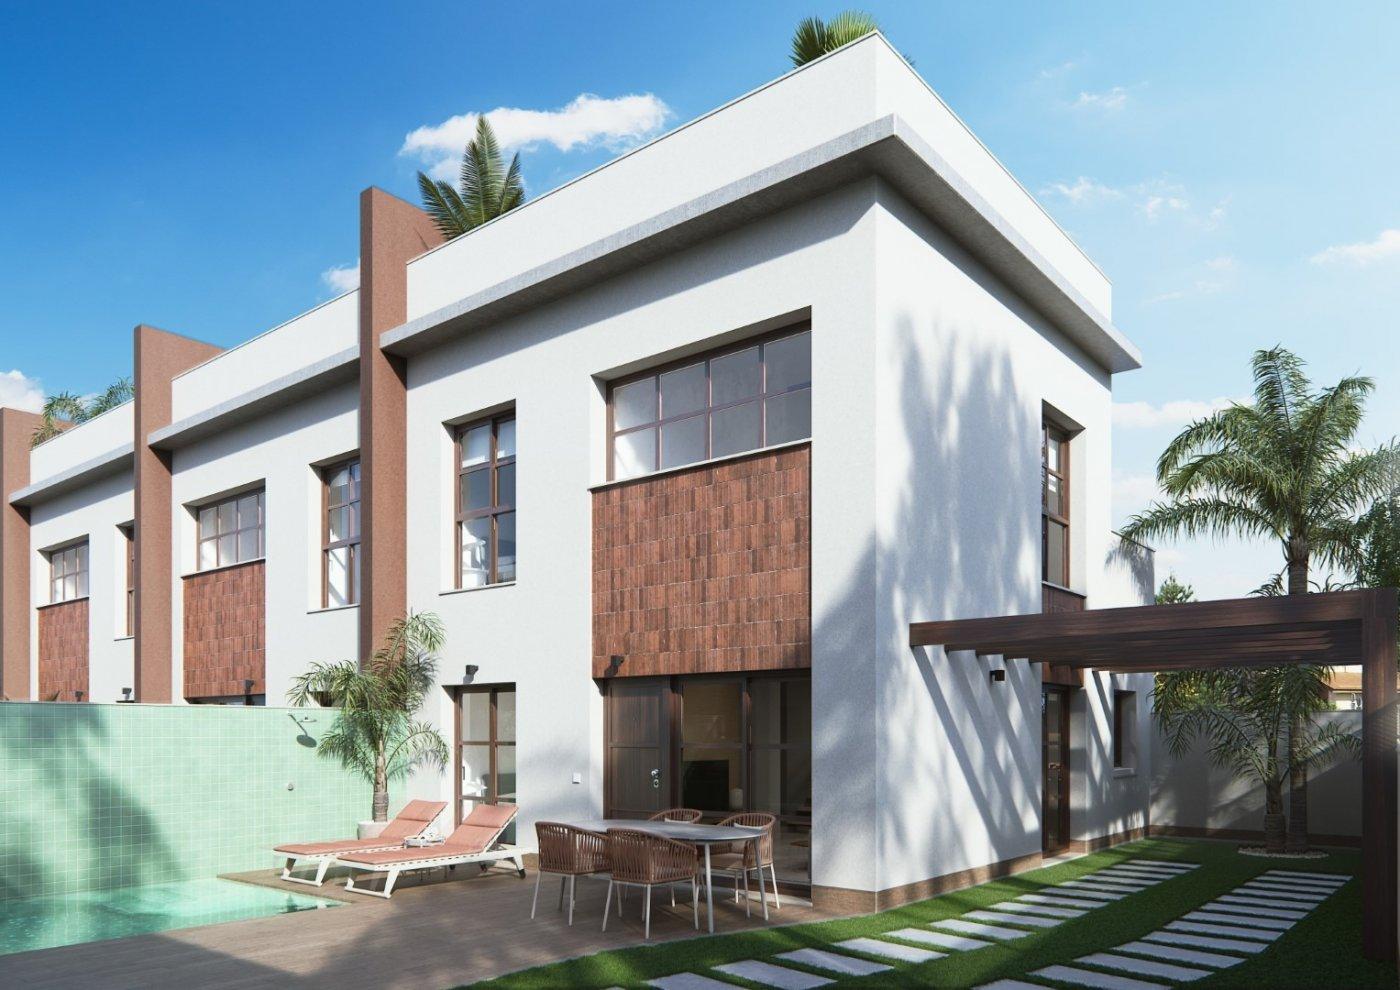 Townhouse - New Build - Pilar de la Horadada - Pilar de Horadada